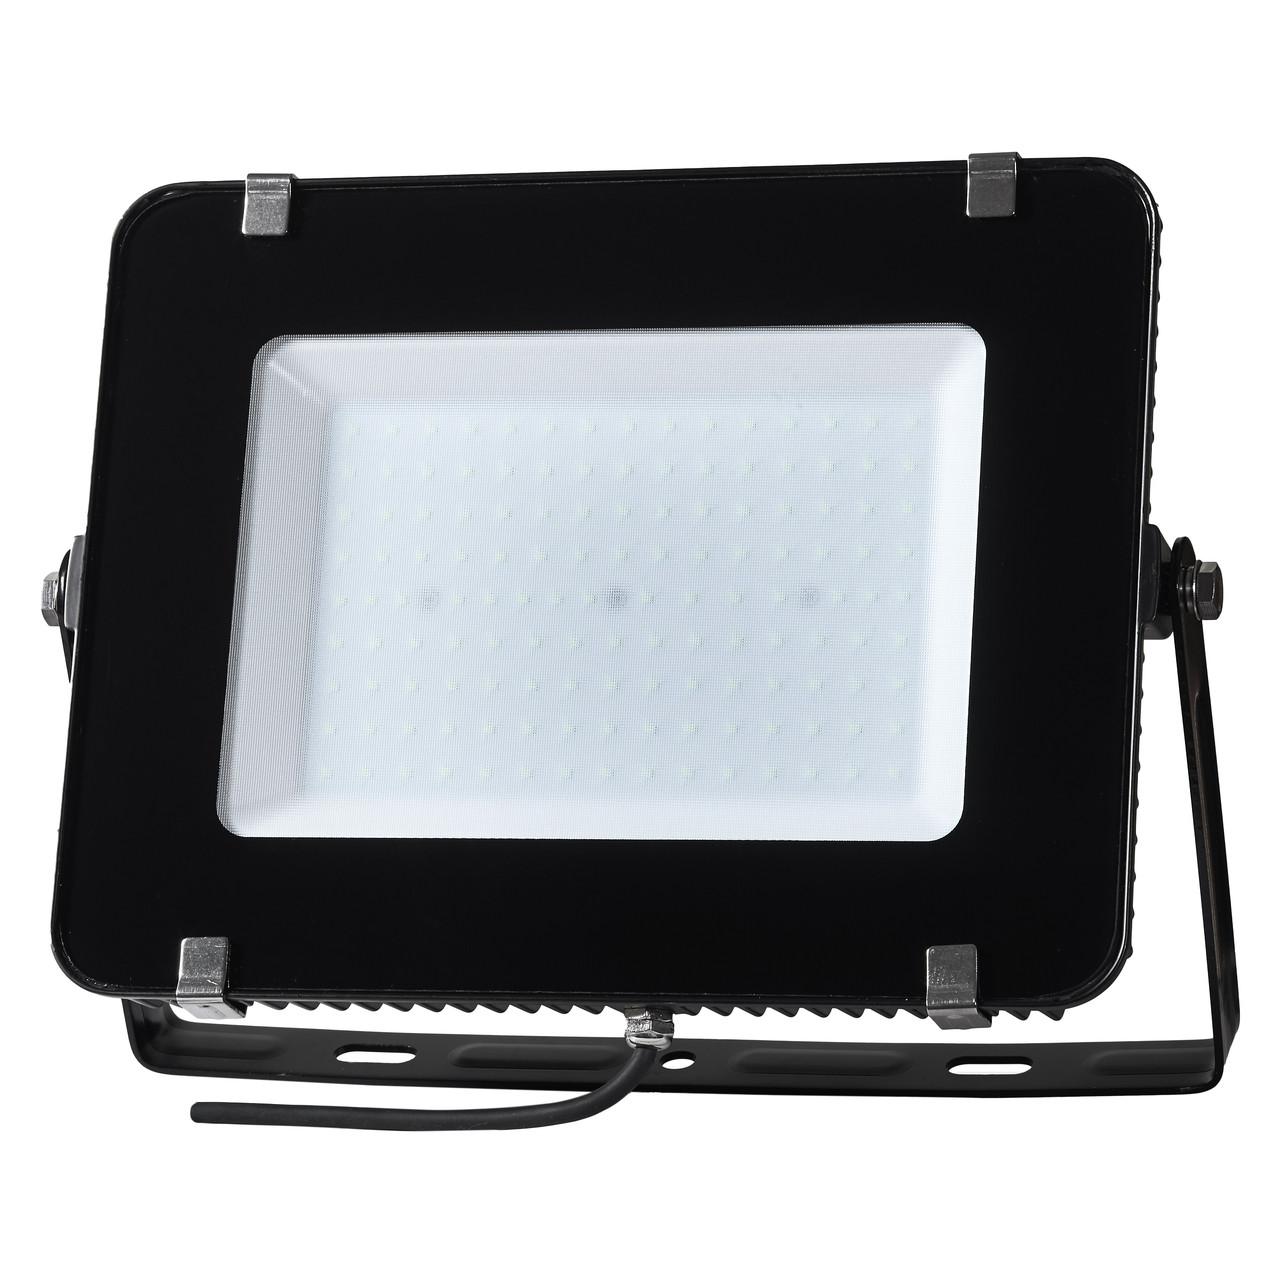 Прожектор светодиодный DELUX FMI 10 LED 150Вт 6500K